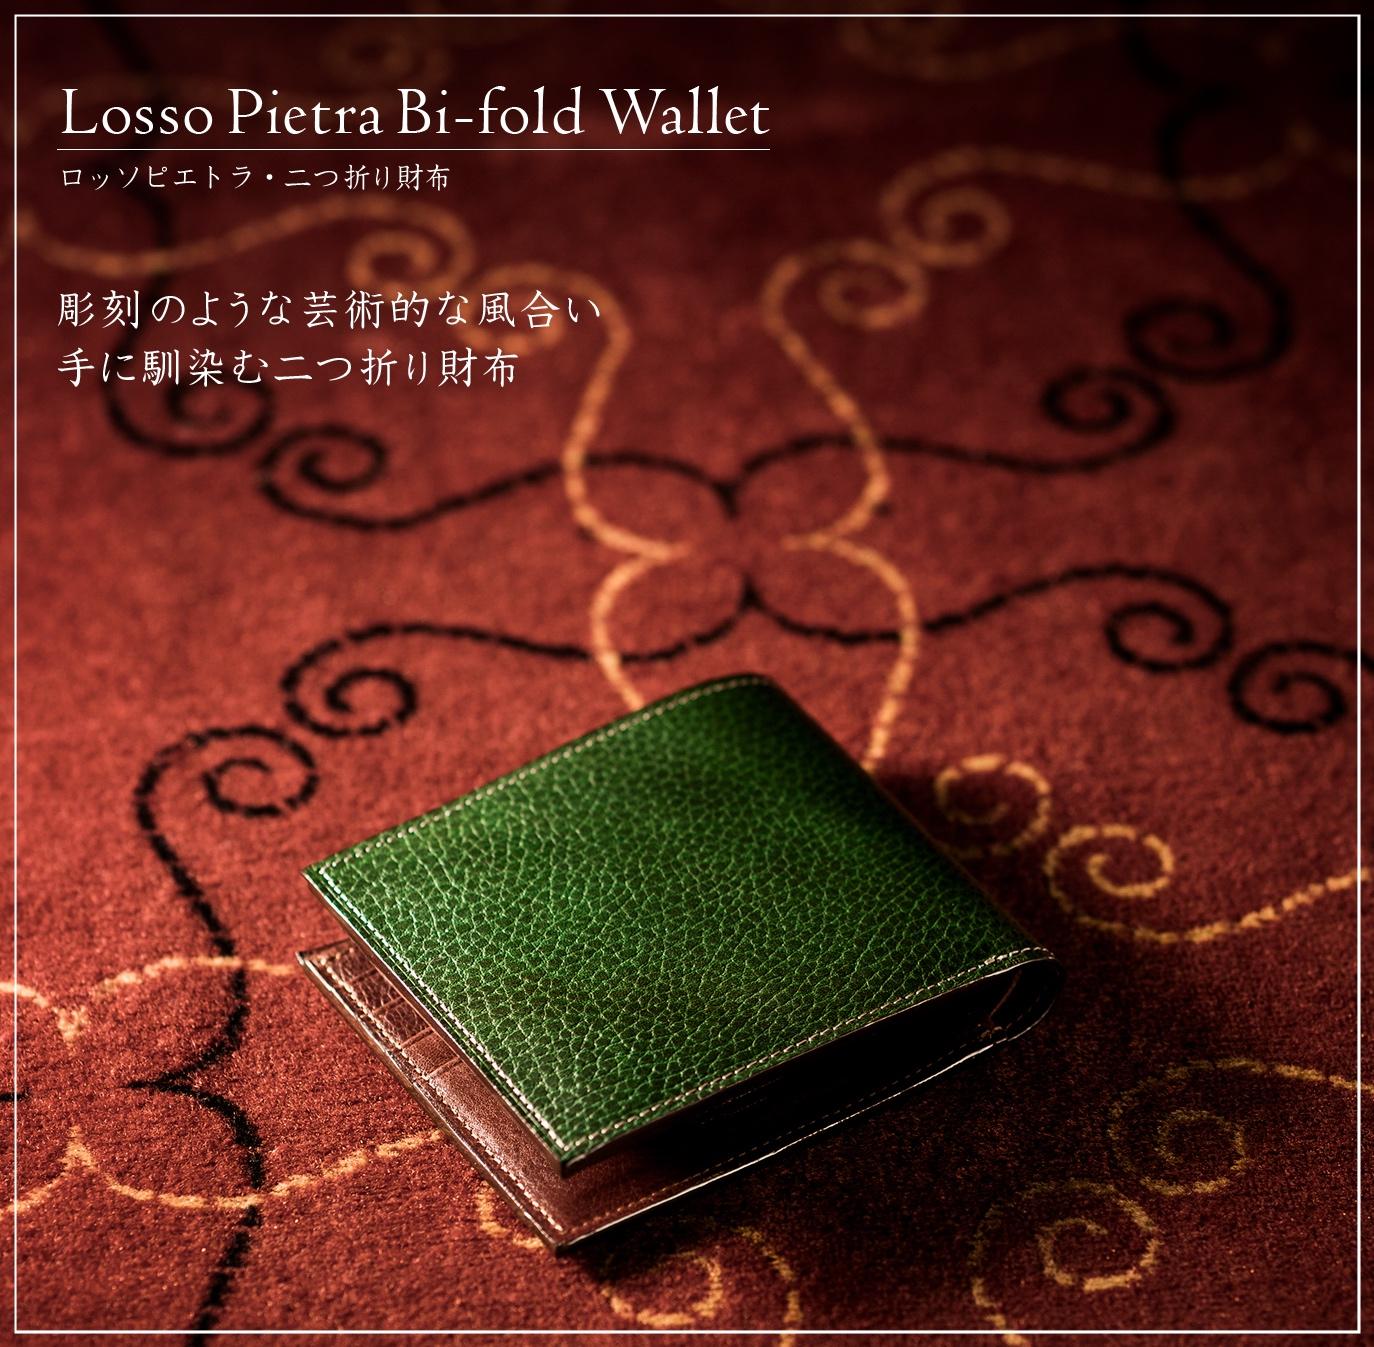 ココマイスターのロッソピエトラシリーズの男らしい二つ折り革財布